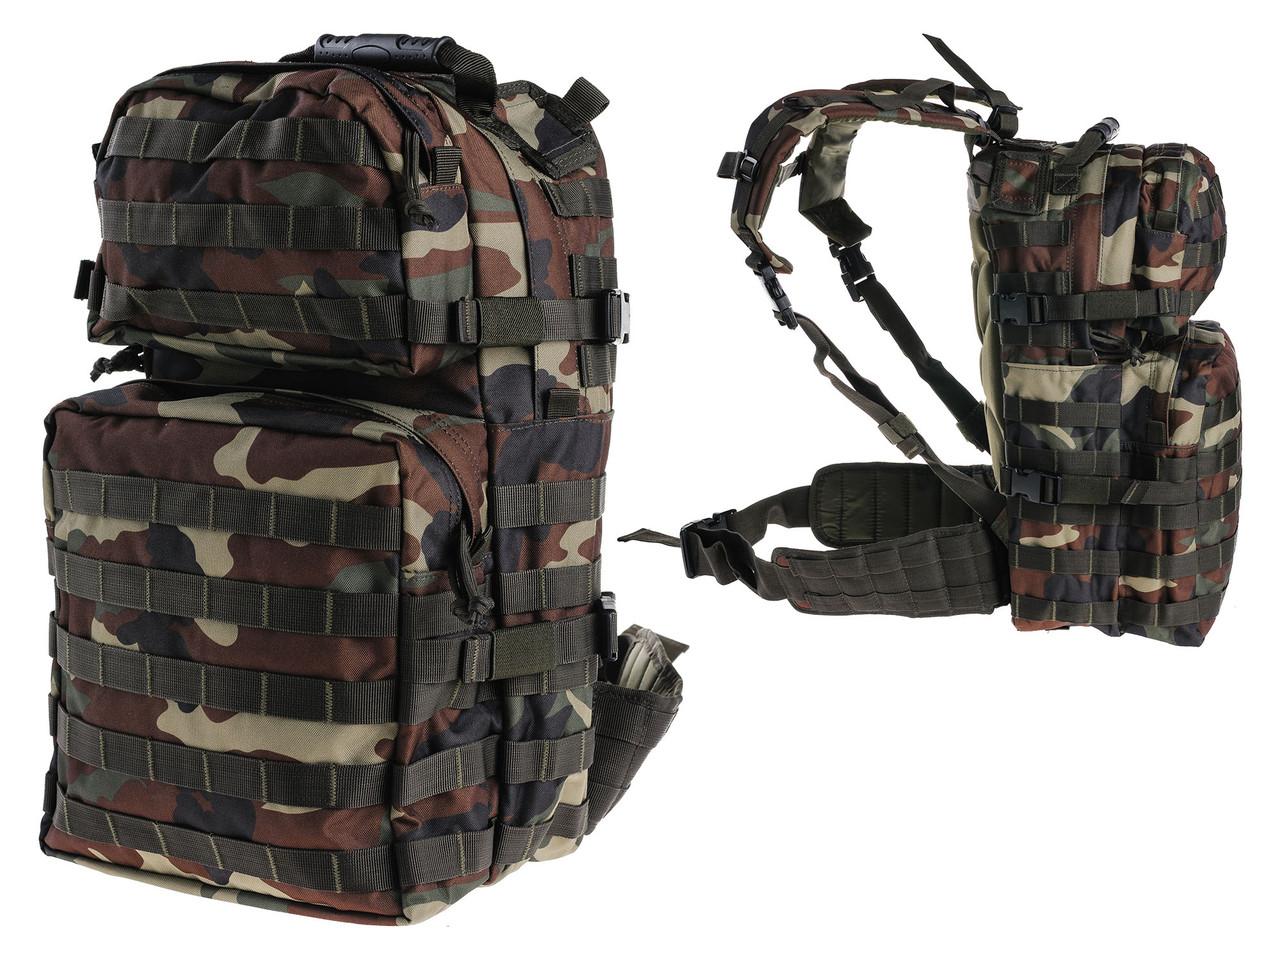 Тактический рюкзак VOODOO TACTICAL Assault 3-Day Enhanced 40L - Woodland